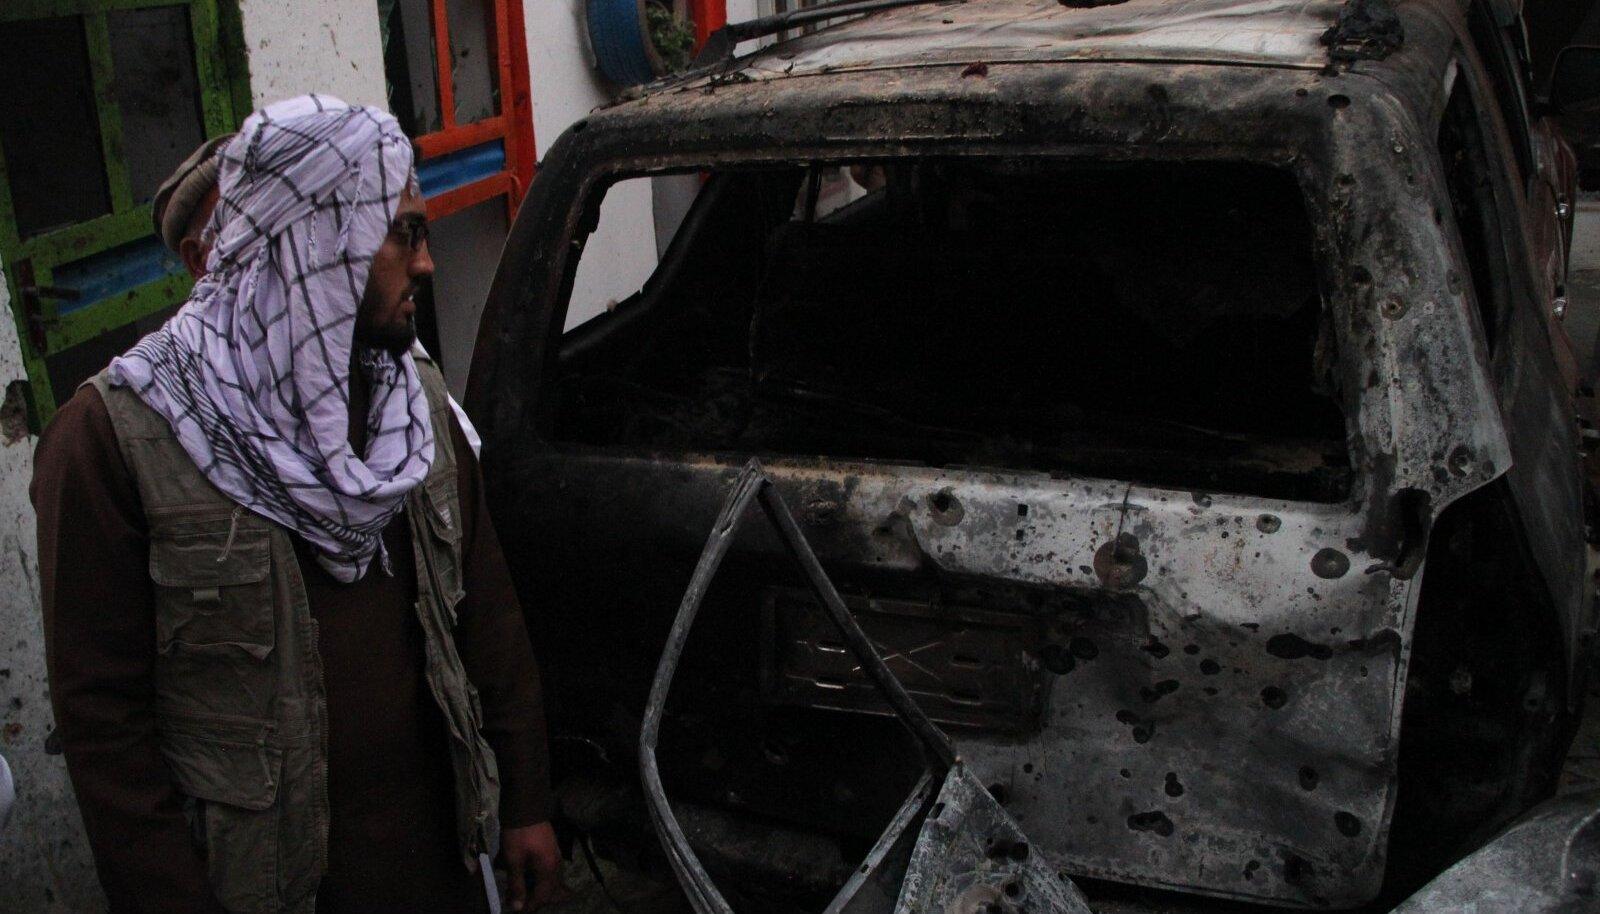 USA droonilöögiga hävitatud auto Kabulis